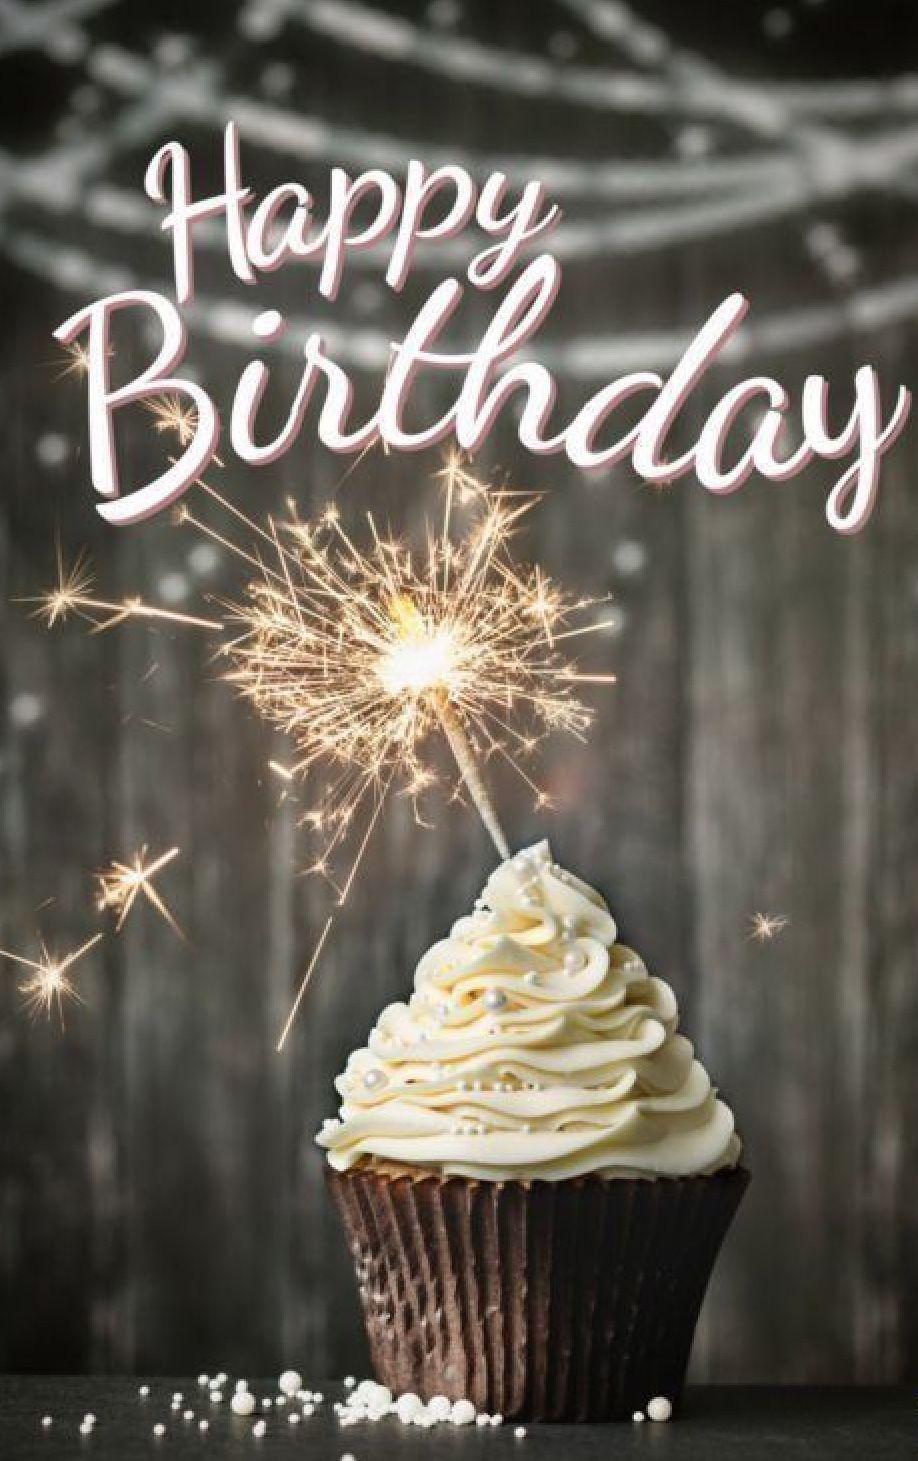 Italienische Geburtstagswunsche Und Spruche Einladung Geburtstag